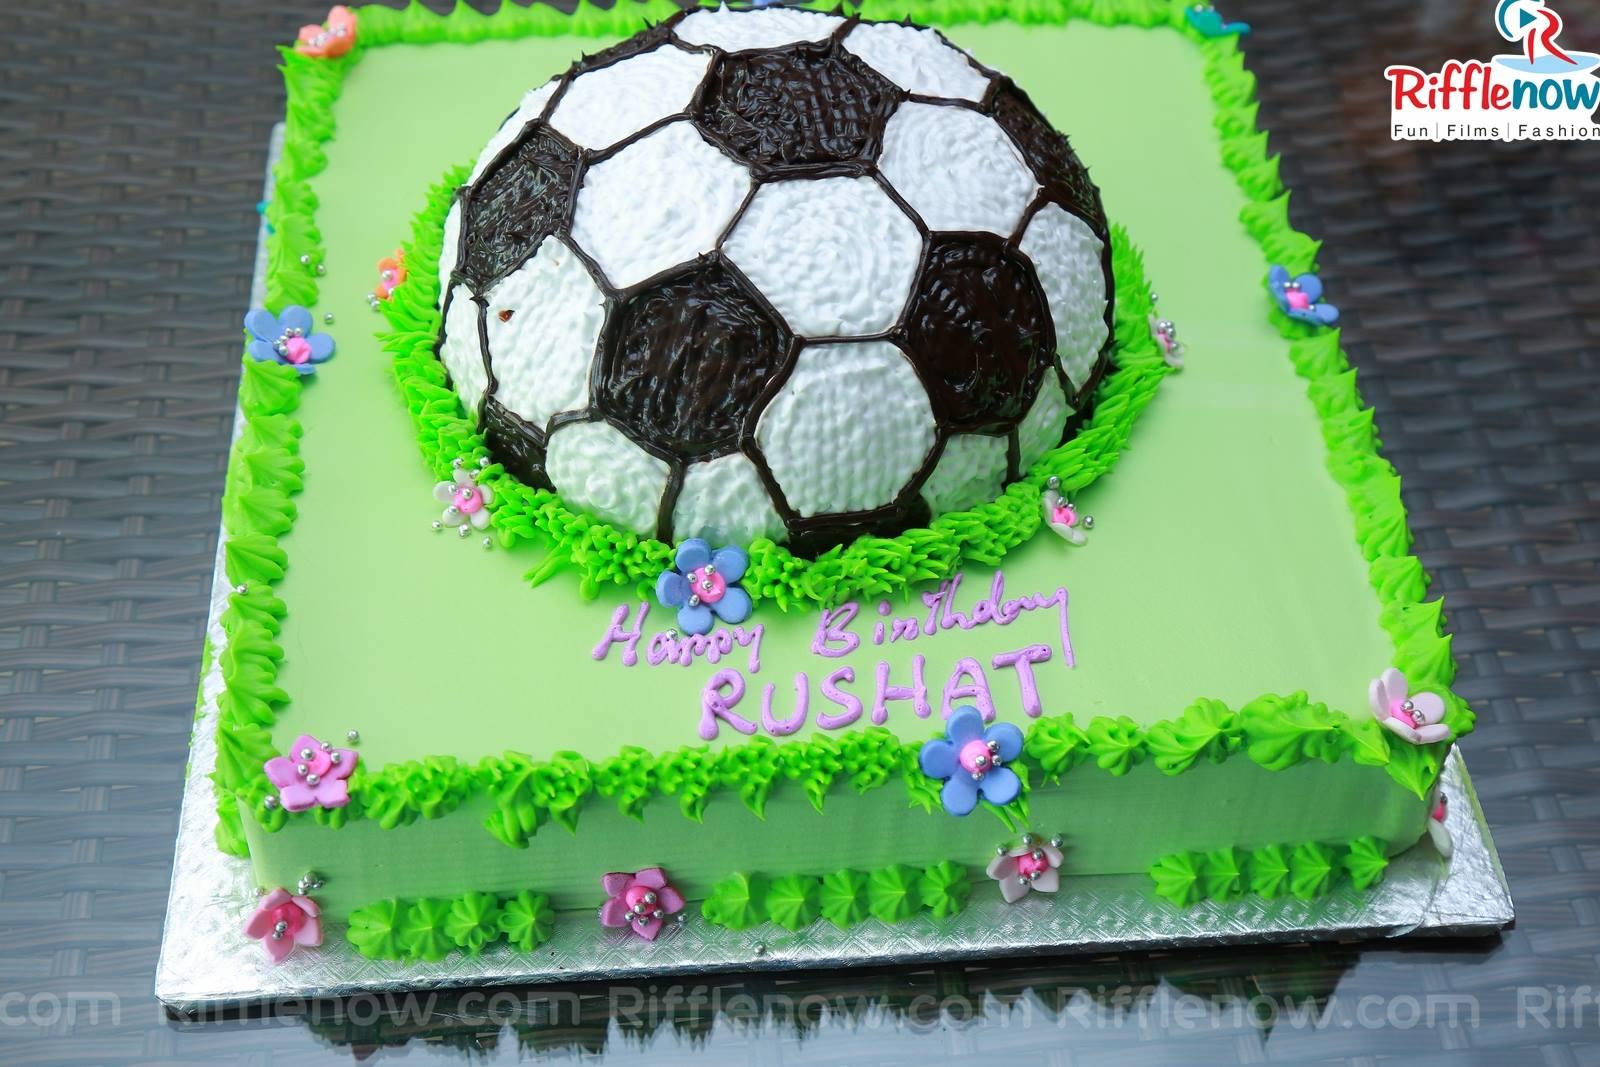 Birthday Name Cake Happy Birthday Rushat Football Cake